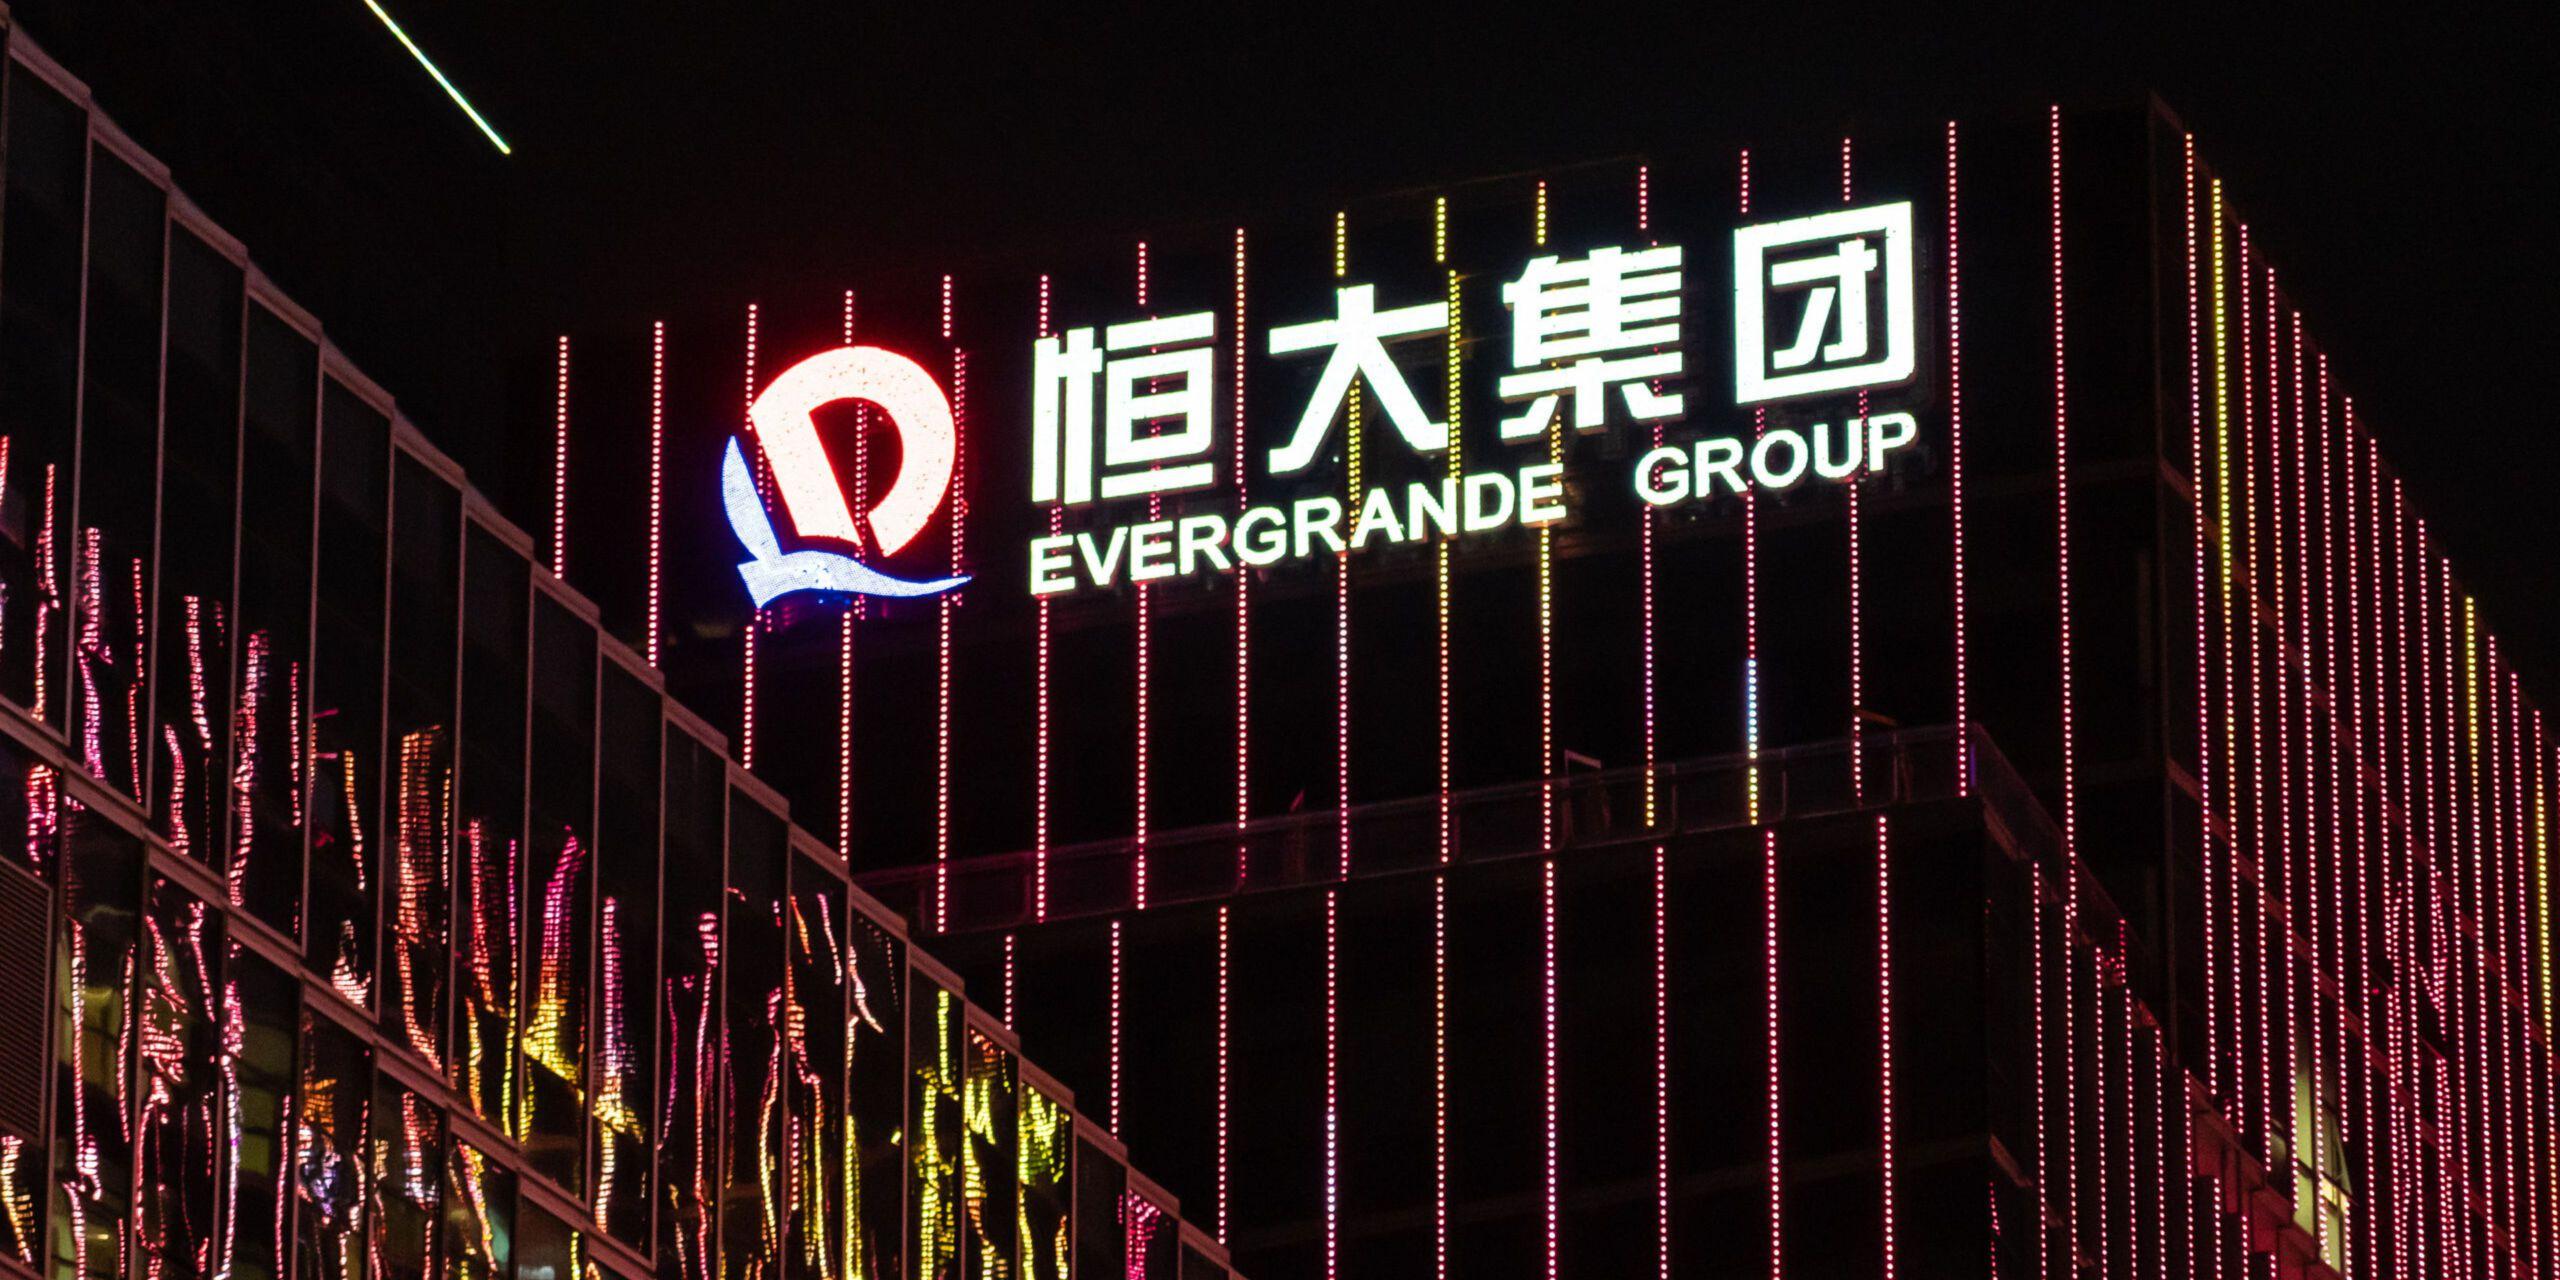 Chinese Estates anunció la salida de la compañía.